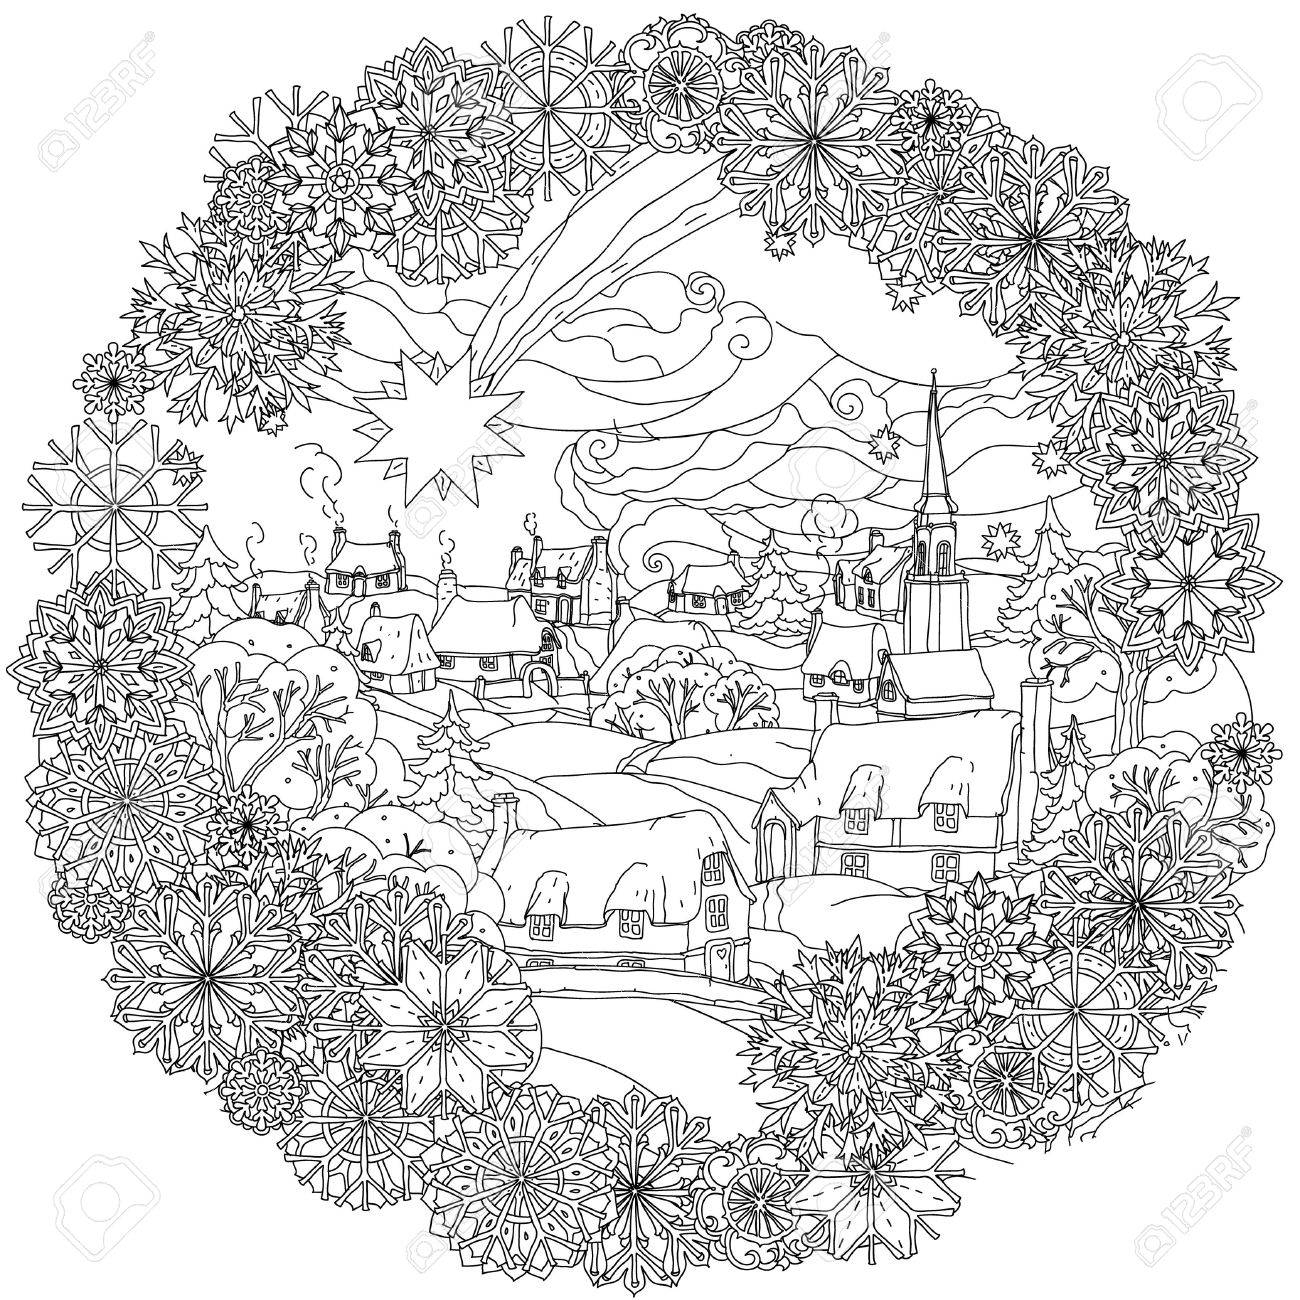 Landskape De Noël Avec L'étoile Survole Village D'hiver, Dans Le Cadre Des  Flocons De Neige, Noir Et Blanc. Bagouts Zentangle. Le Meilleur Pour Votre intérieur Coloriage Village De Noel